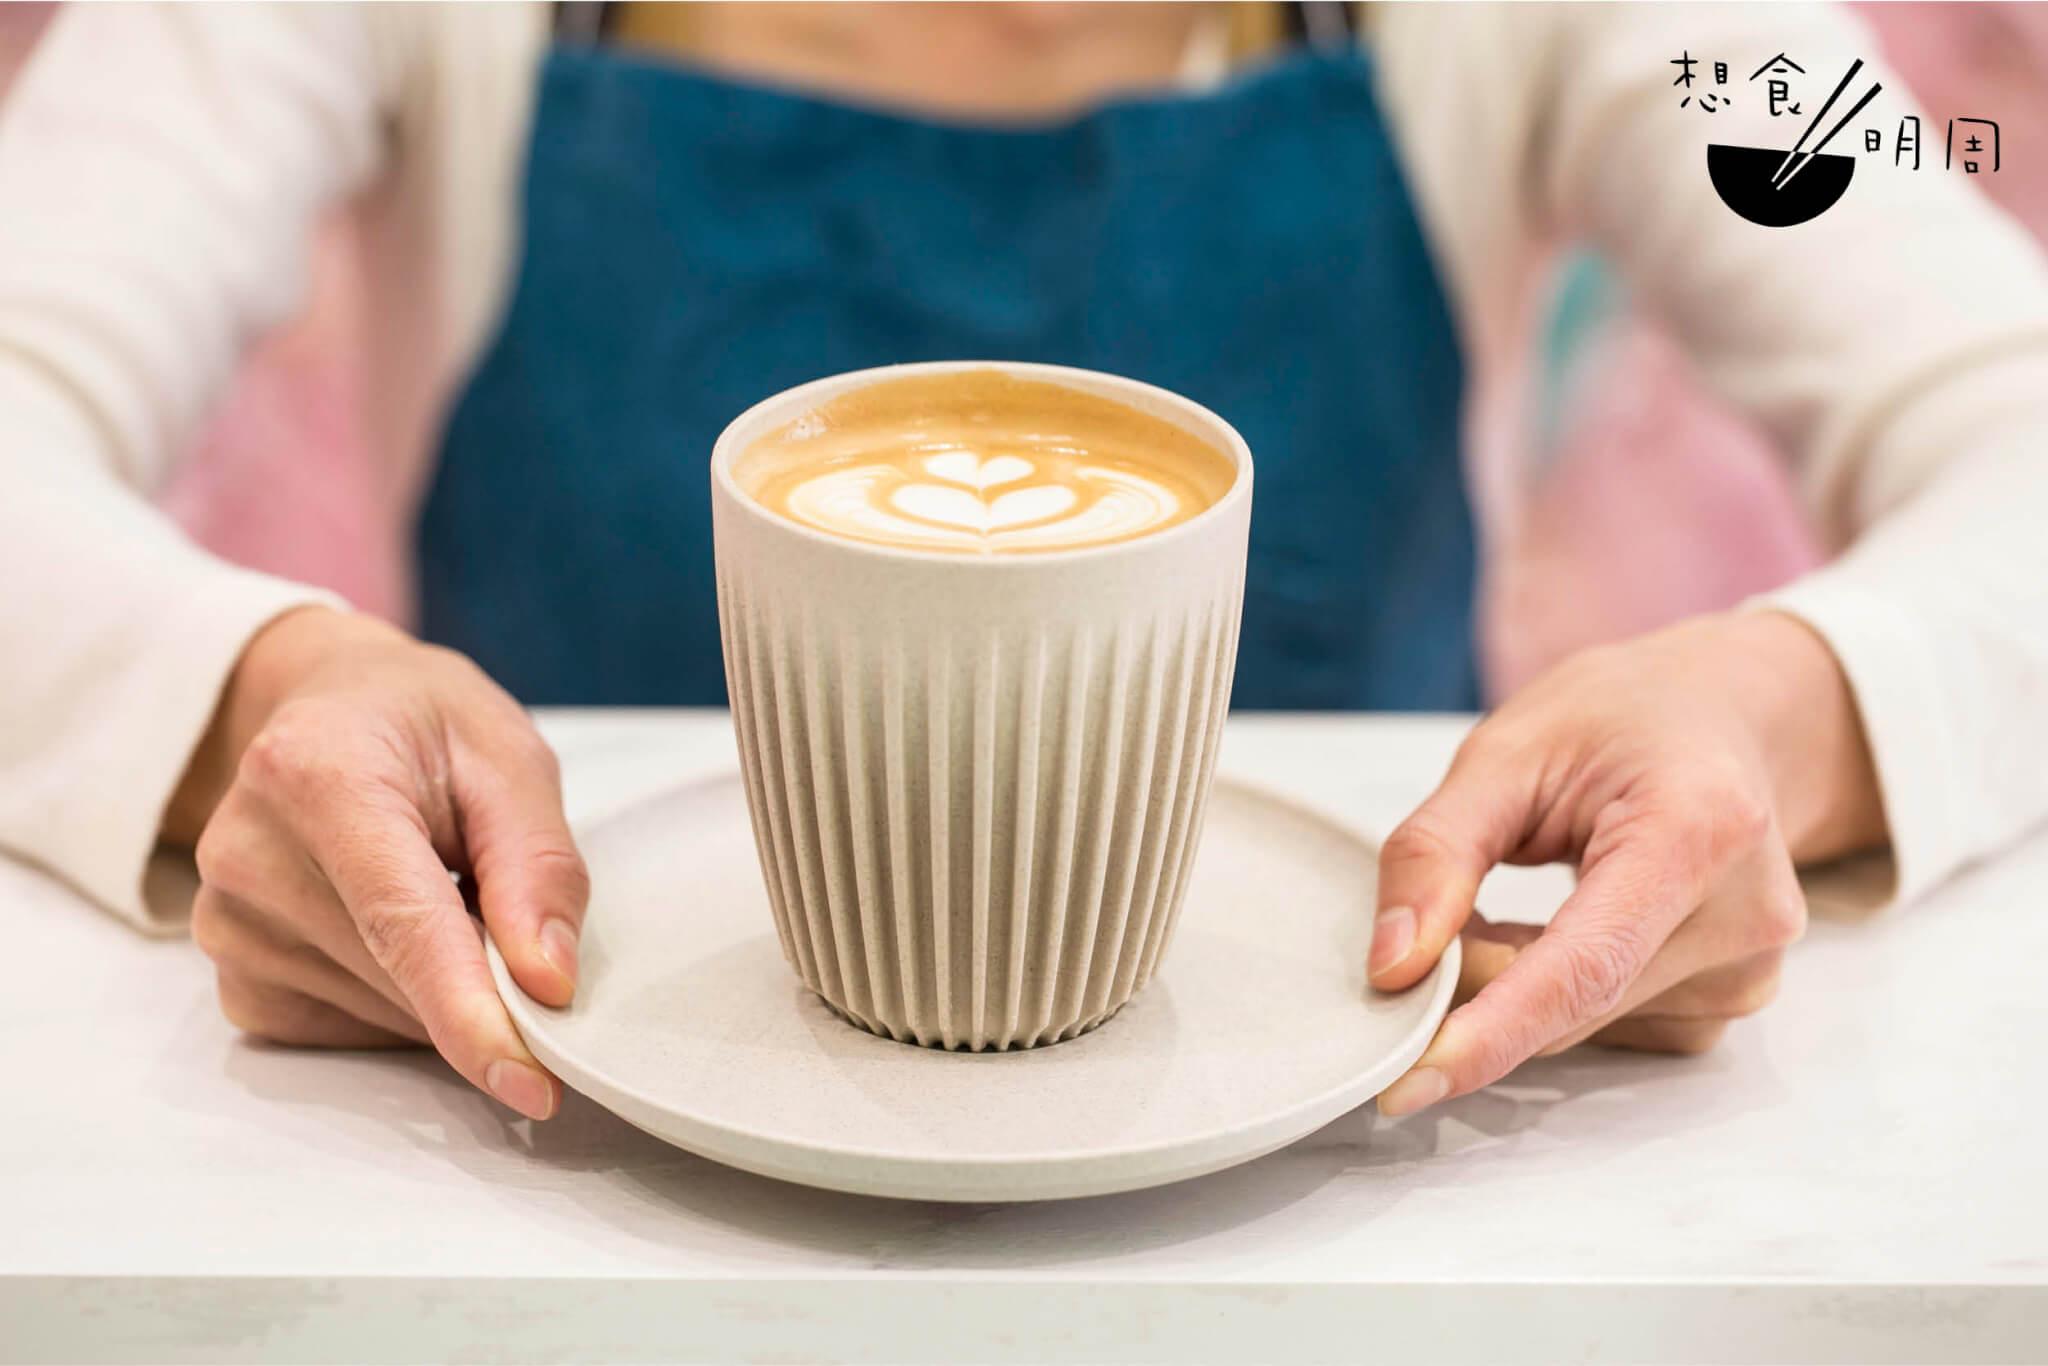 店主從細節處實際環保,例如選用的以環保物料製成的堂飲杯及外賣咖啡杯,又或是回收、重用各類包裝,又積極整理咖啡渣供街坊自取。